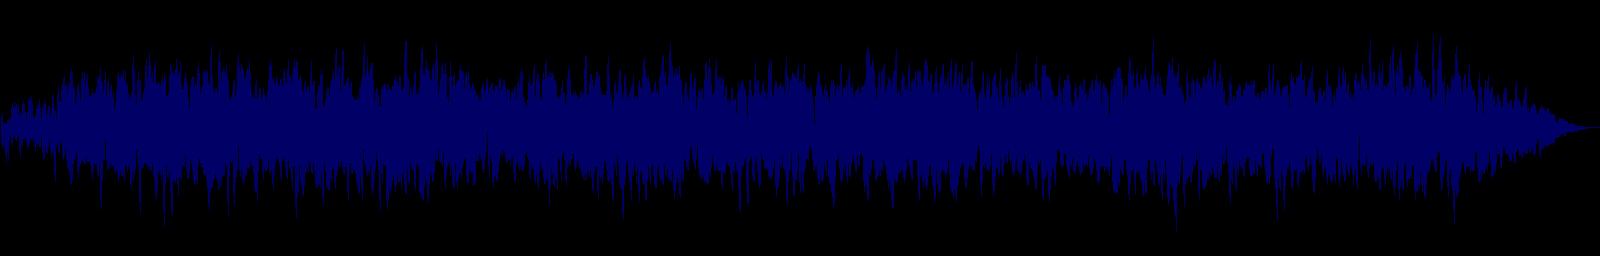 waveform of track #143725